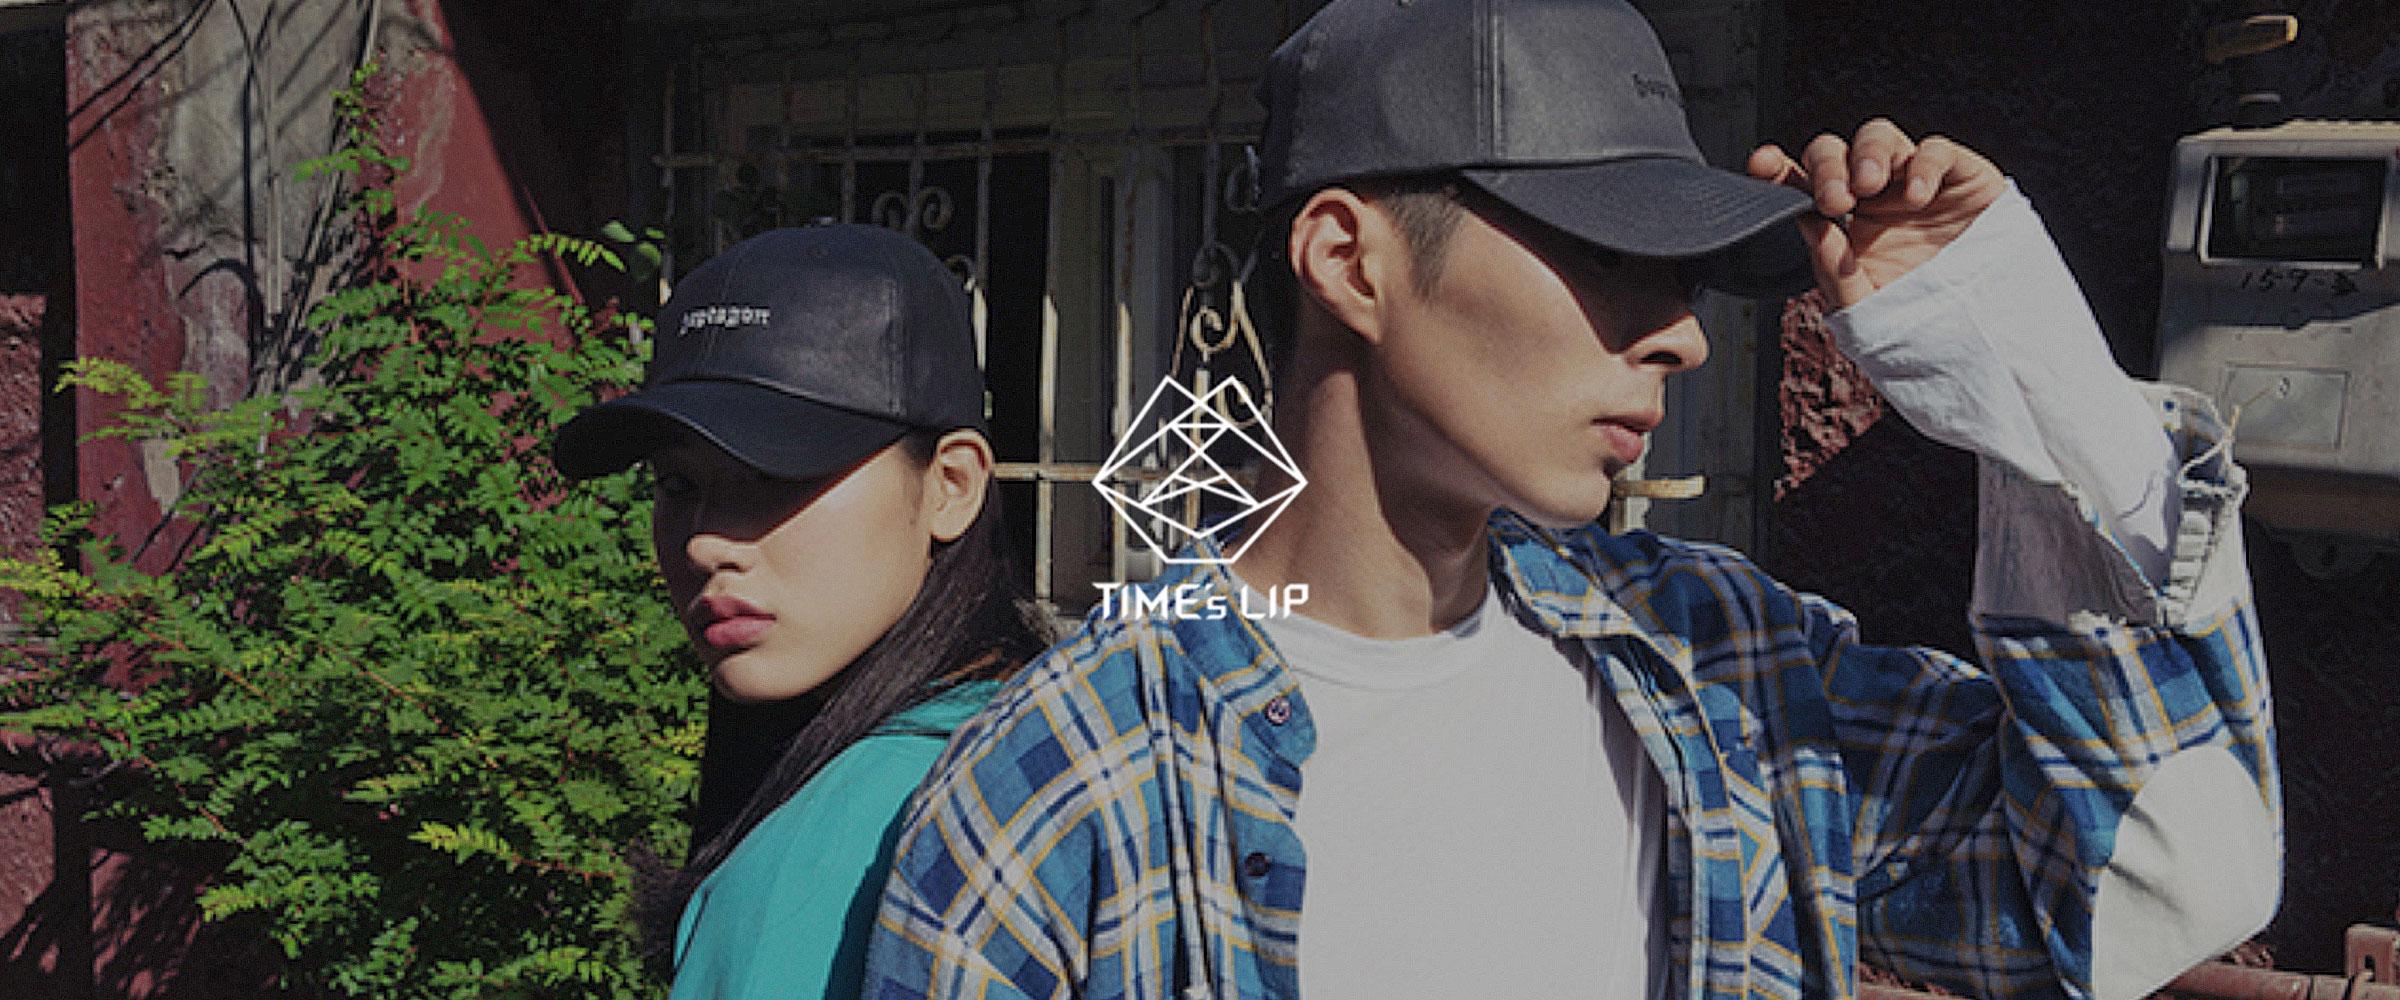 timeslip.jpg